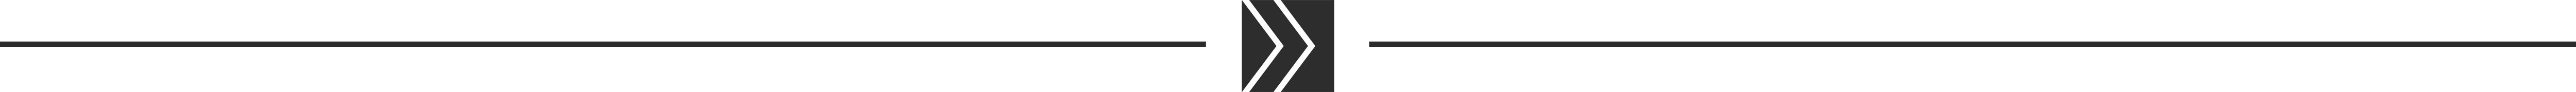 艺术外滩 | 艺术家申请:新年新展「万物可期」第四届圆体艺术春季展 万物 圆体 艺术 艺术家 外滩 新年 可期 主题 形式 当下 崇真艺客